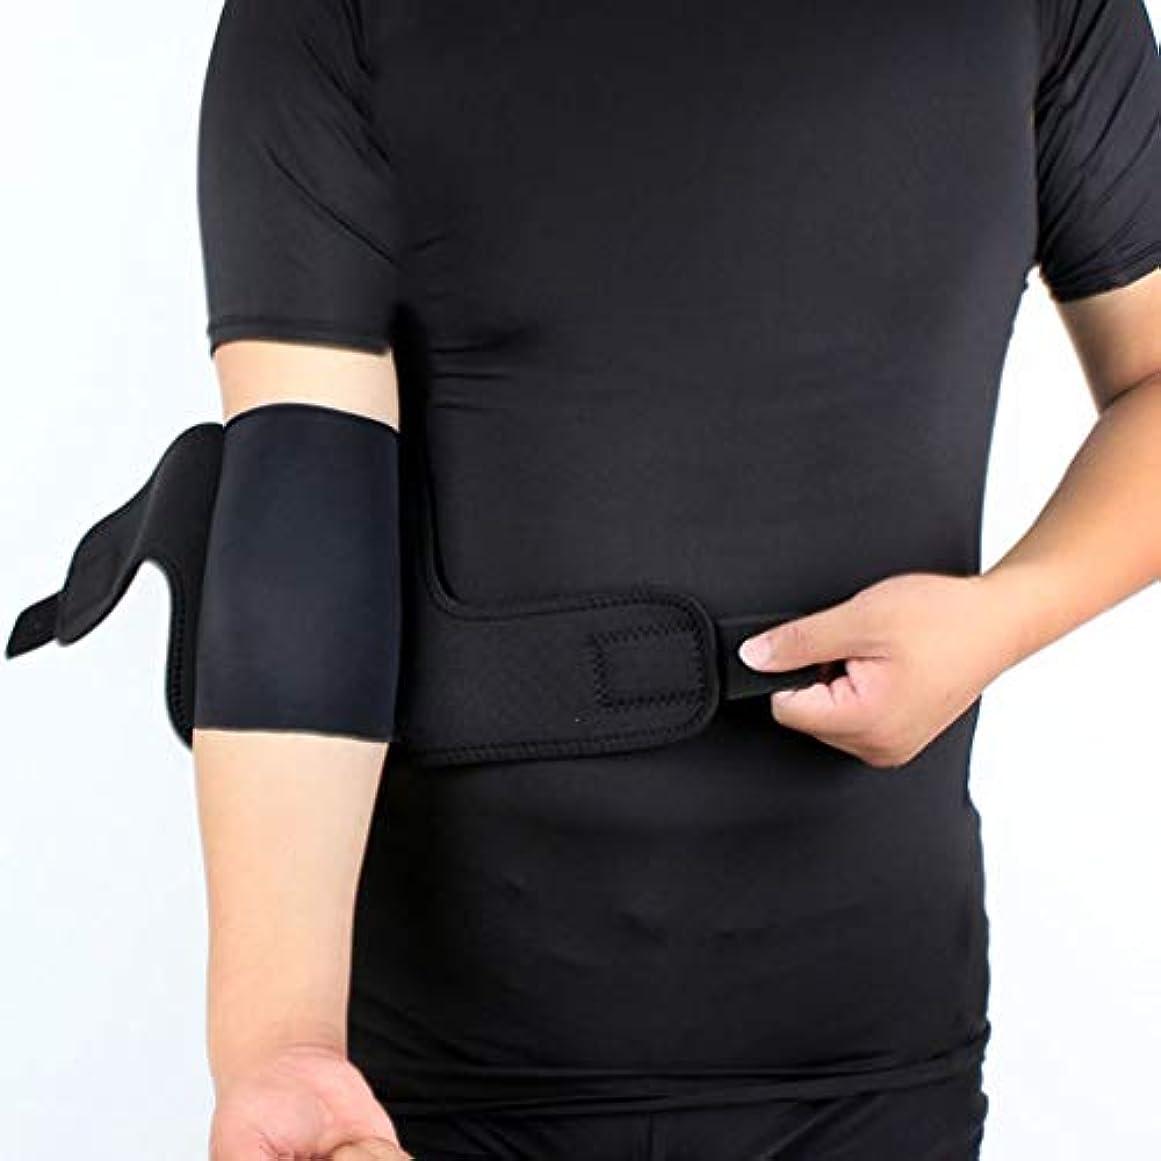 修士号正義スタイルスポーツ肘プロテクターバスケットボールアームガード通気性保護肘パッド-Rustle666